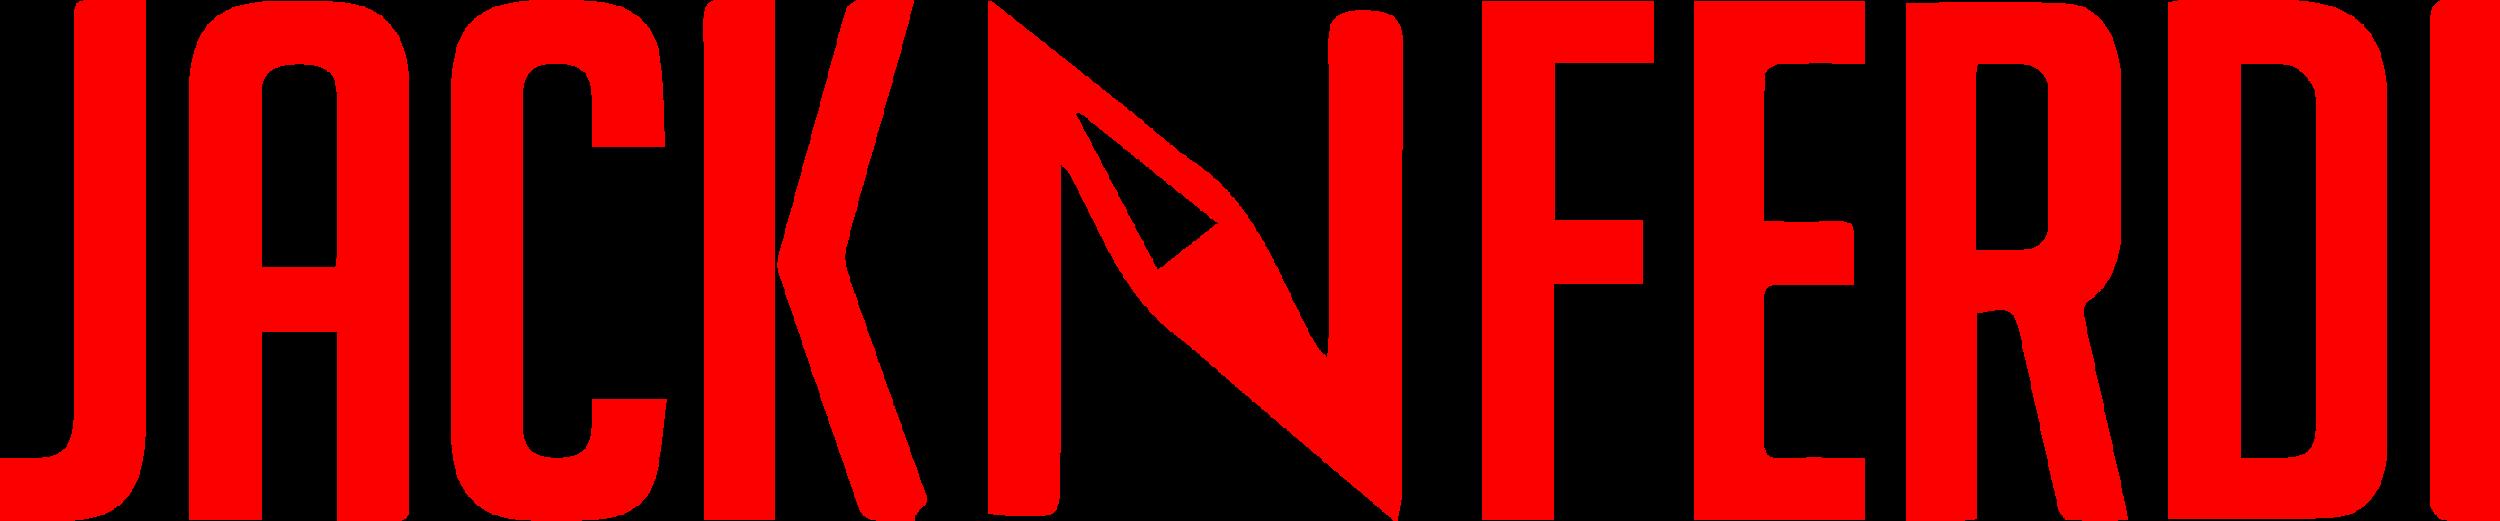 jack-and-ferdi-logo.png